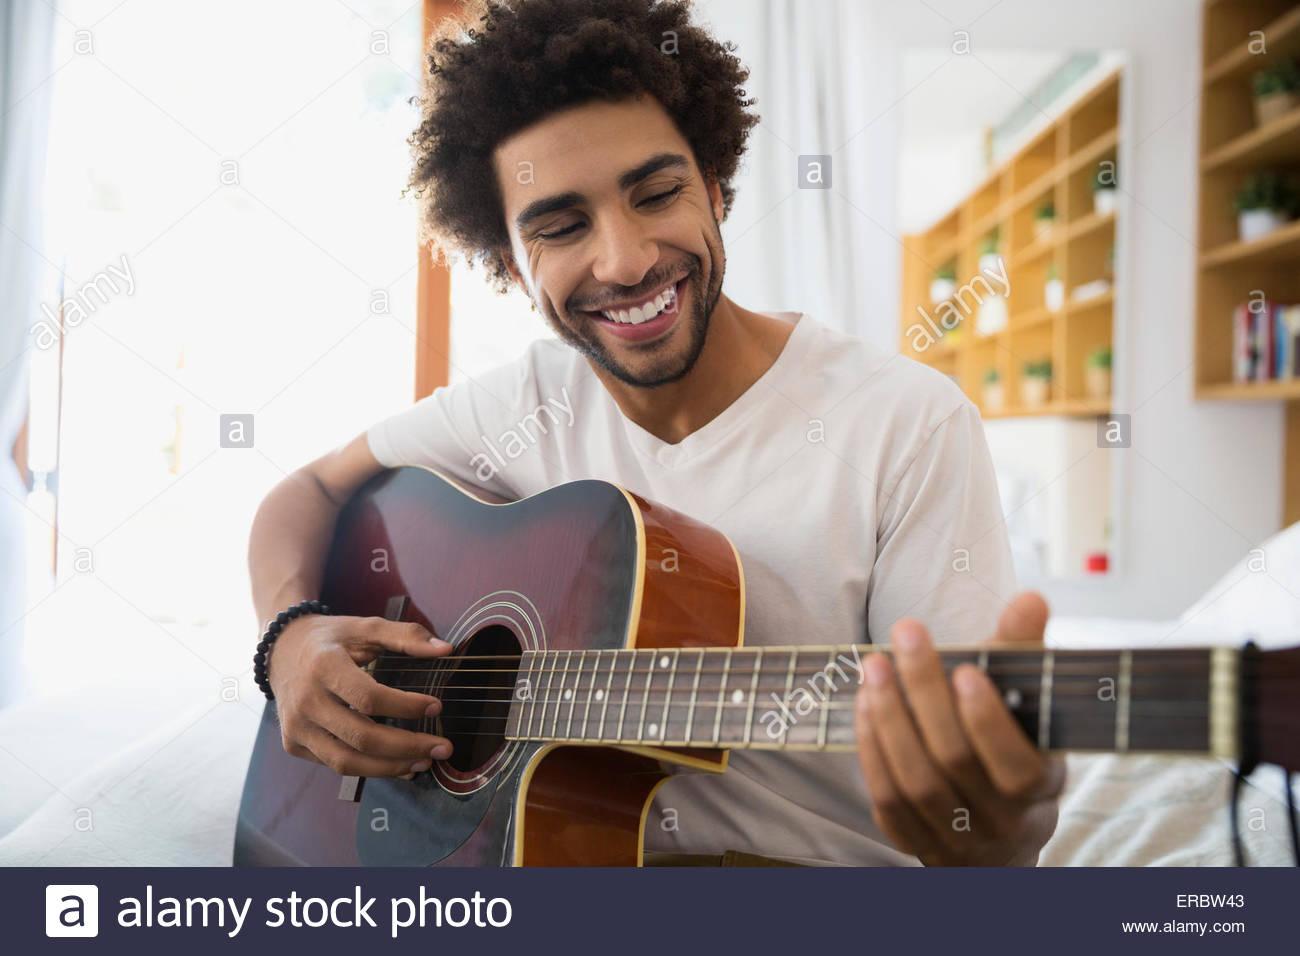 Smiling man qui joue de la guitare dans la chambre Photo Stock